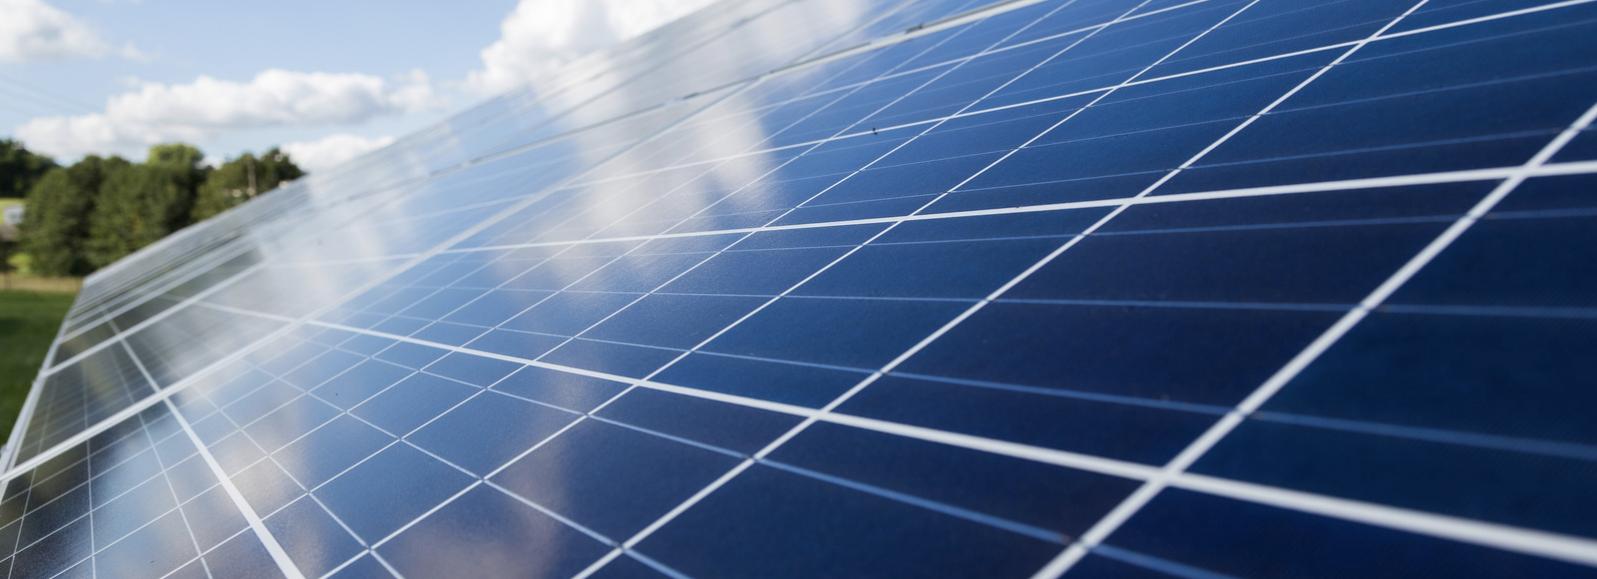 Solceller och solpaneler installerat av Wettersol i Jönköping